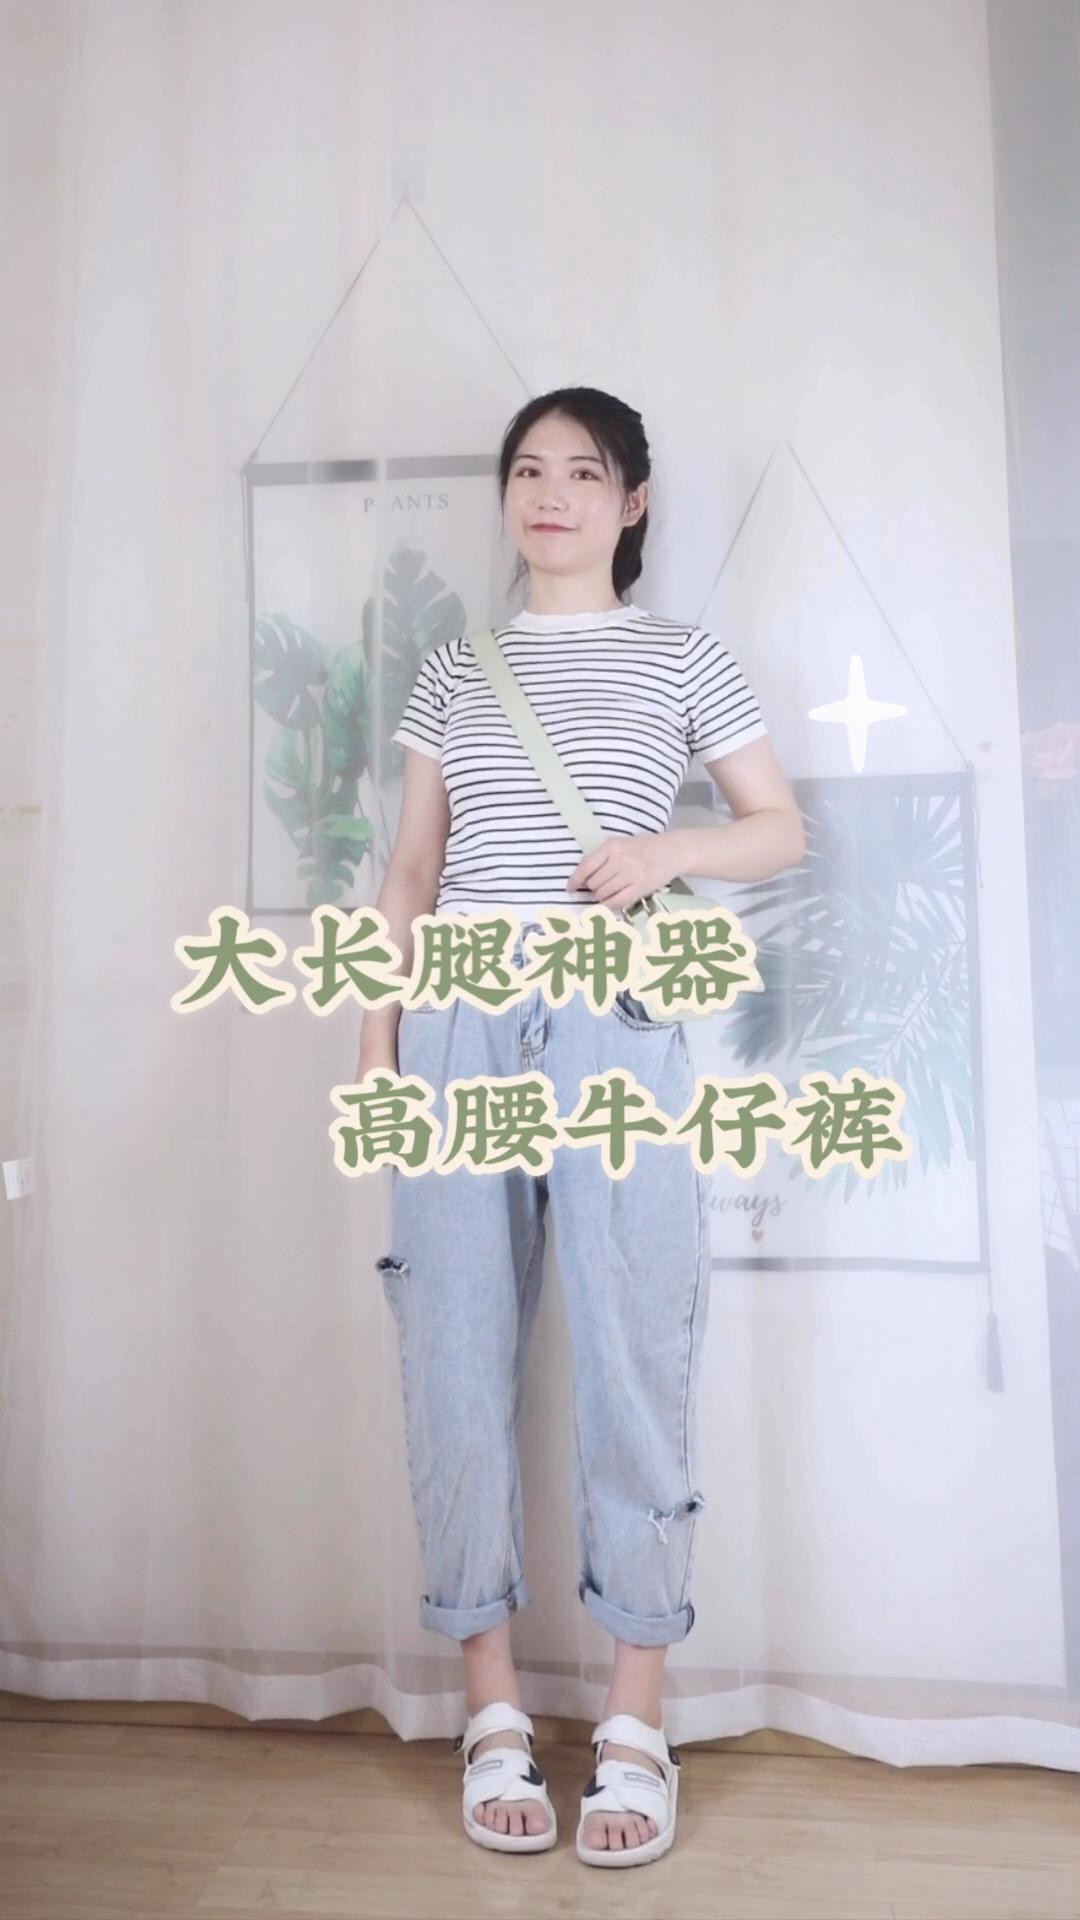 #高腰裤:显腿长的终极武器# 想要显腿长,除了选择一条高腰的裤子,你还需要搭配一件短款上衣哦!最好还能露出一截小腰,真的是又显瘦又显腿长!黑白条纹t恤搭配高腰破洞牛仔裤,简单清爽,所以我选择了一个宽肩带的绿色包包,增加搭配亮点哦~